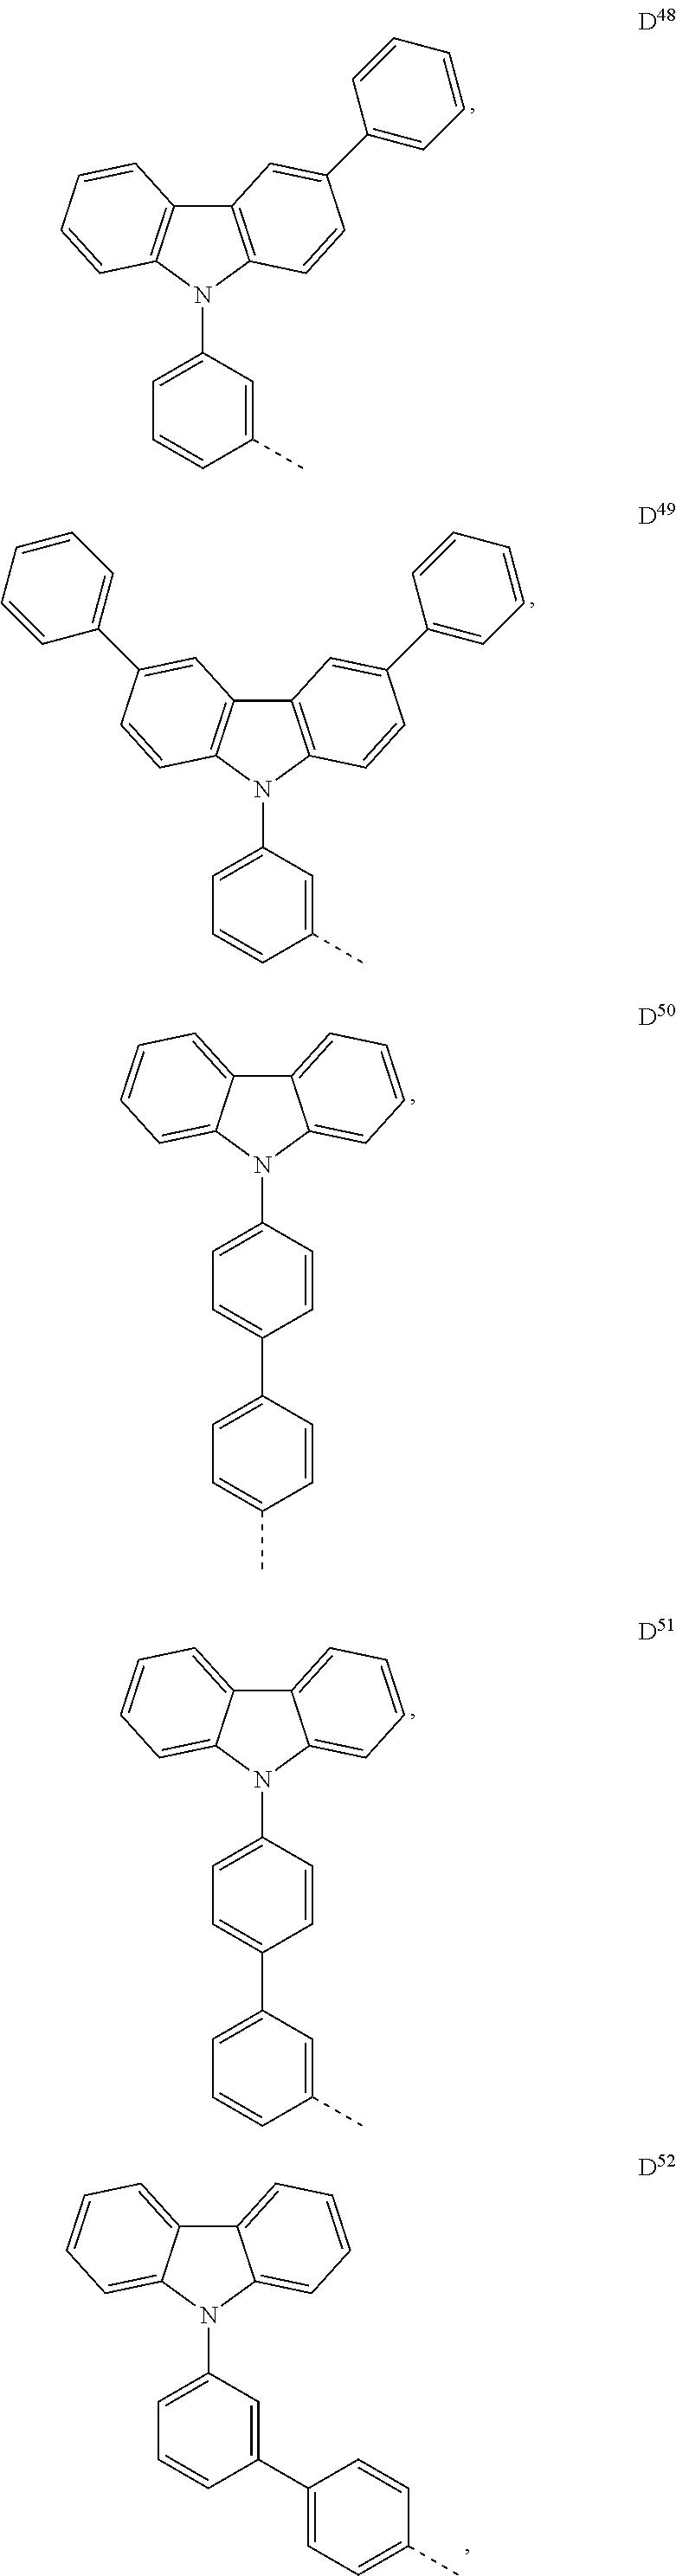 Figure US20170033295A1-20170202-C00205